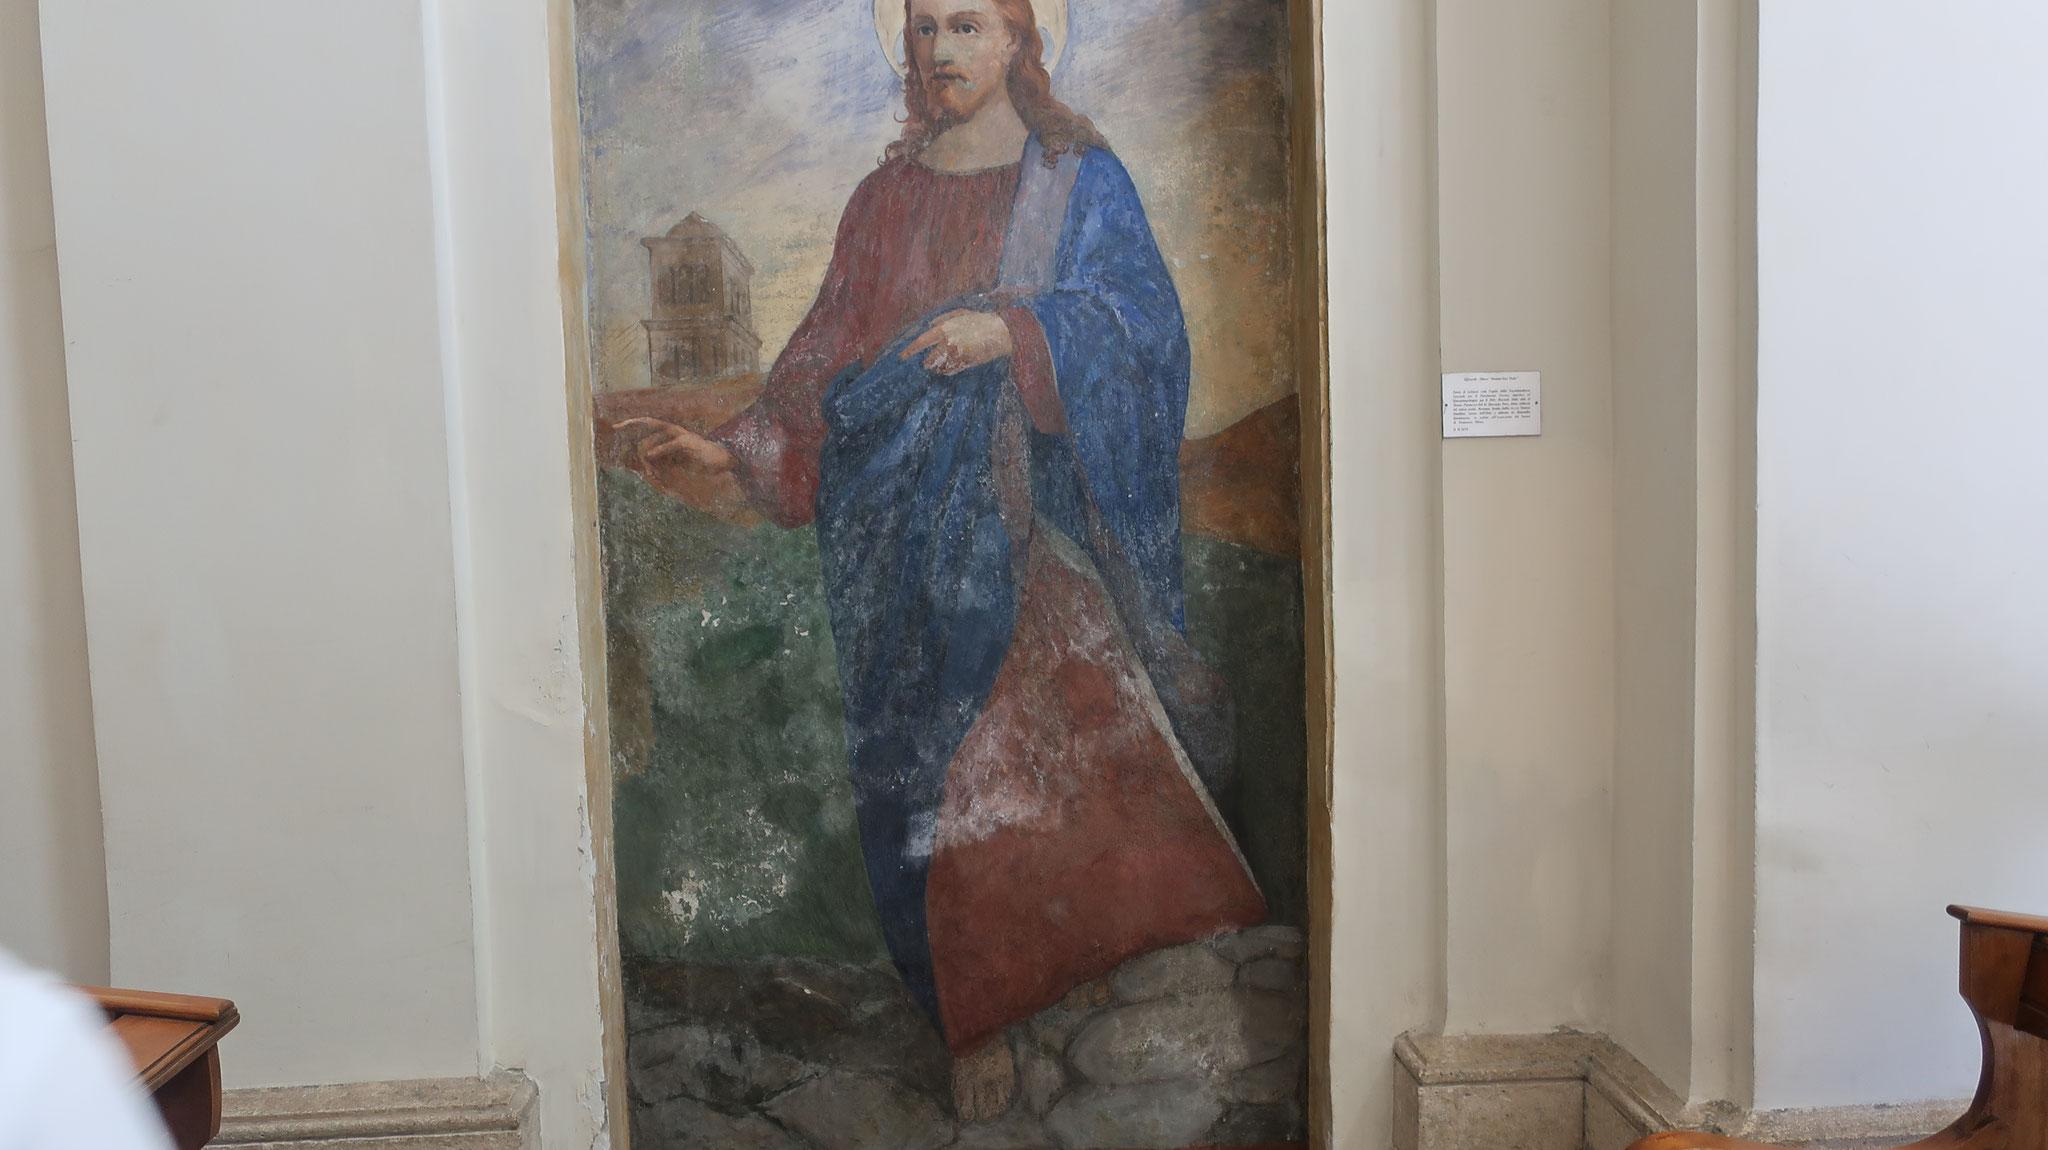 イエスは「ローマへ行き、十字架に架けられる」と答えました。これを聞き、ペトロは再びローマへ戻り、逆さ十字架の刑に処せられ、殉教しました。